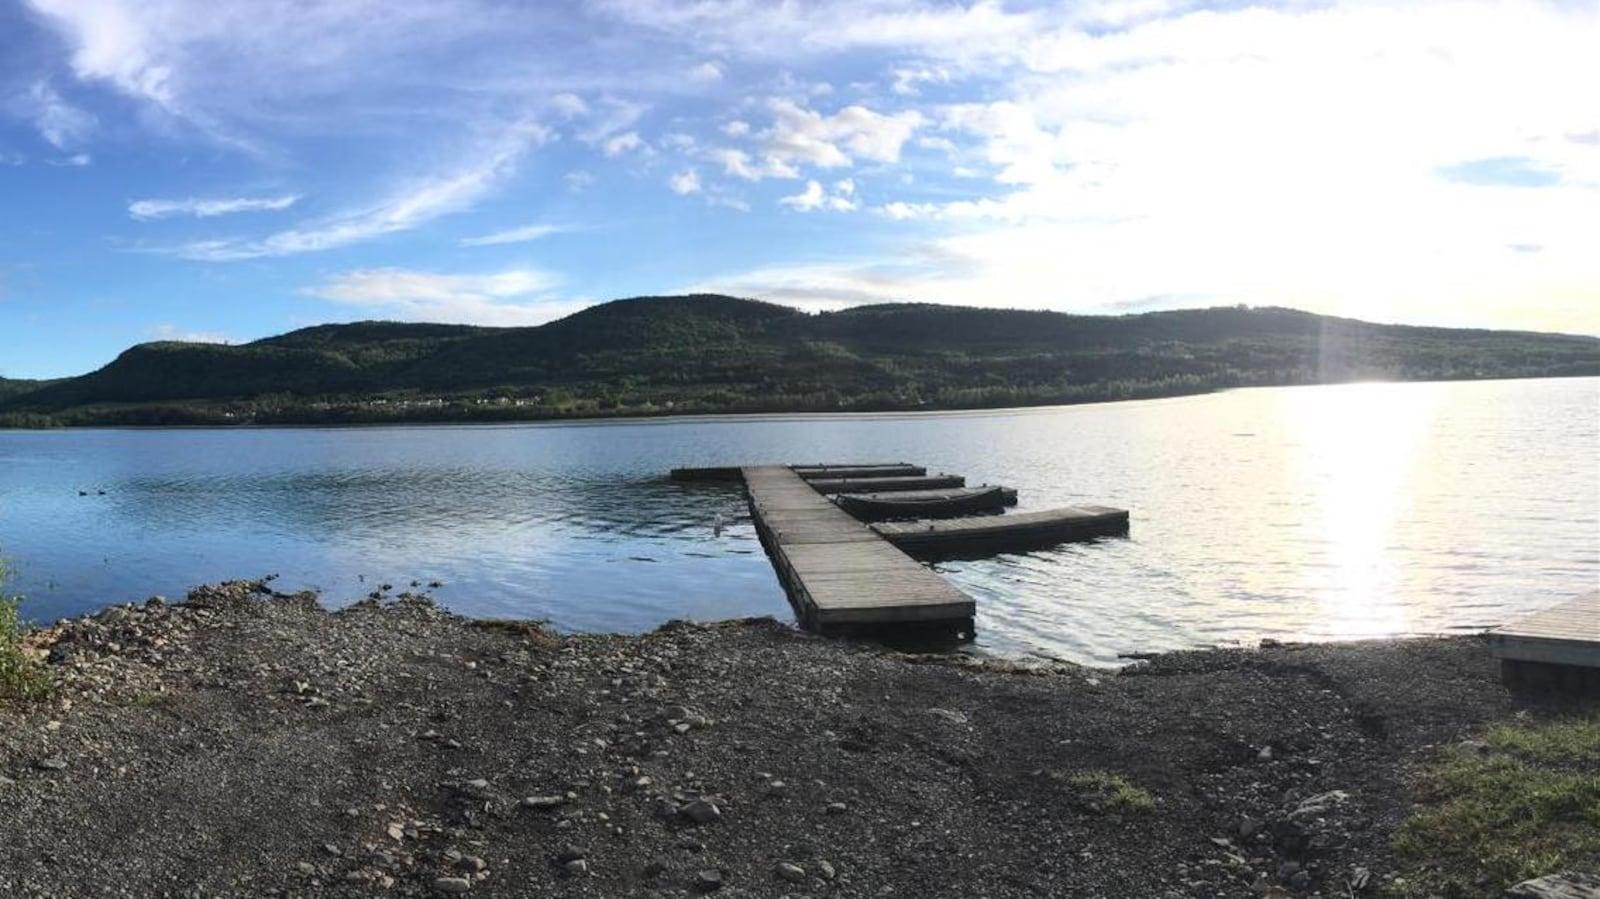 Un quai flotte sur l'eau du lac. De l'autre côté, on peut voir des collines verdoyantes.